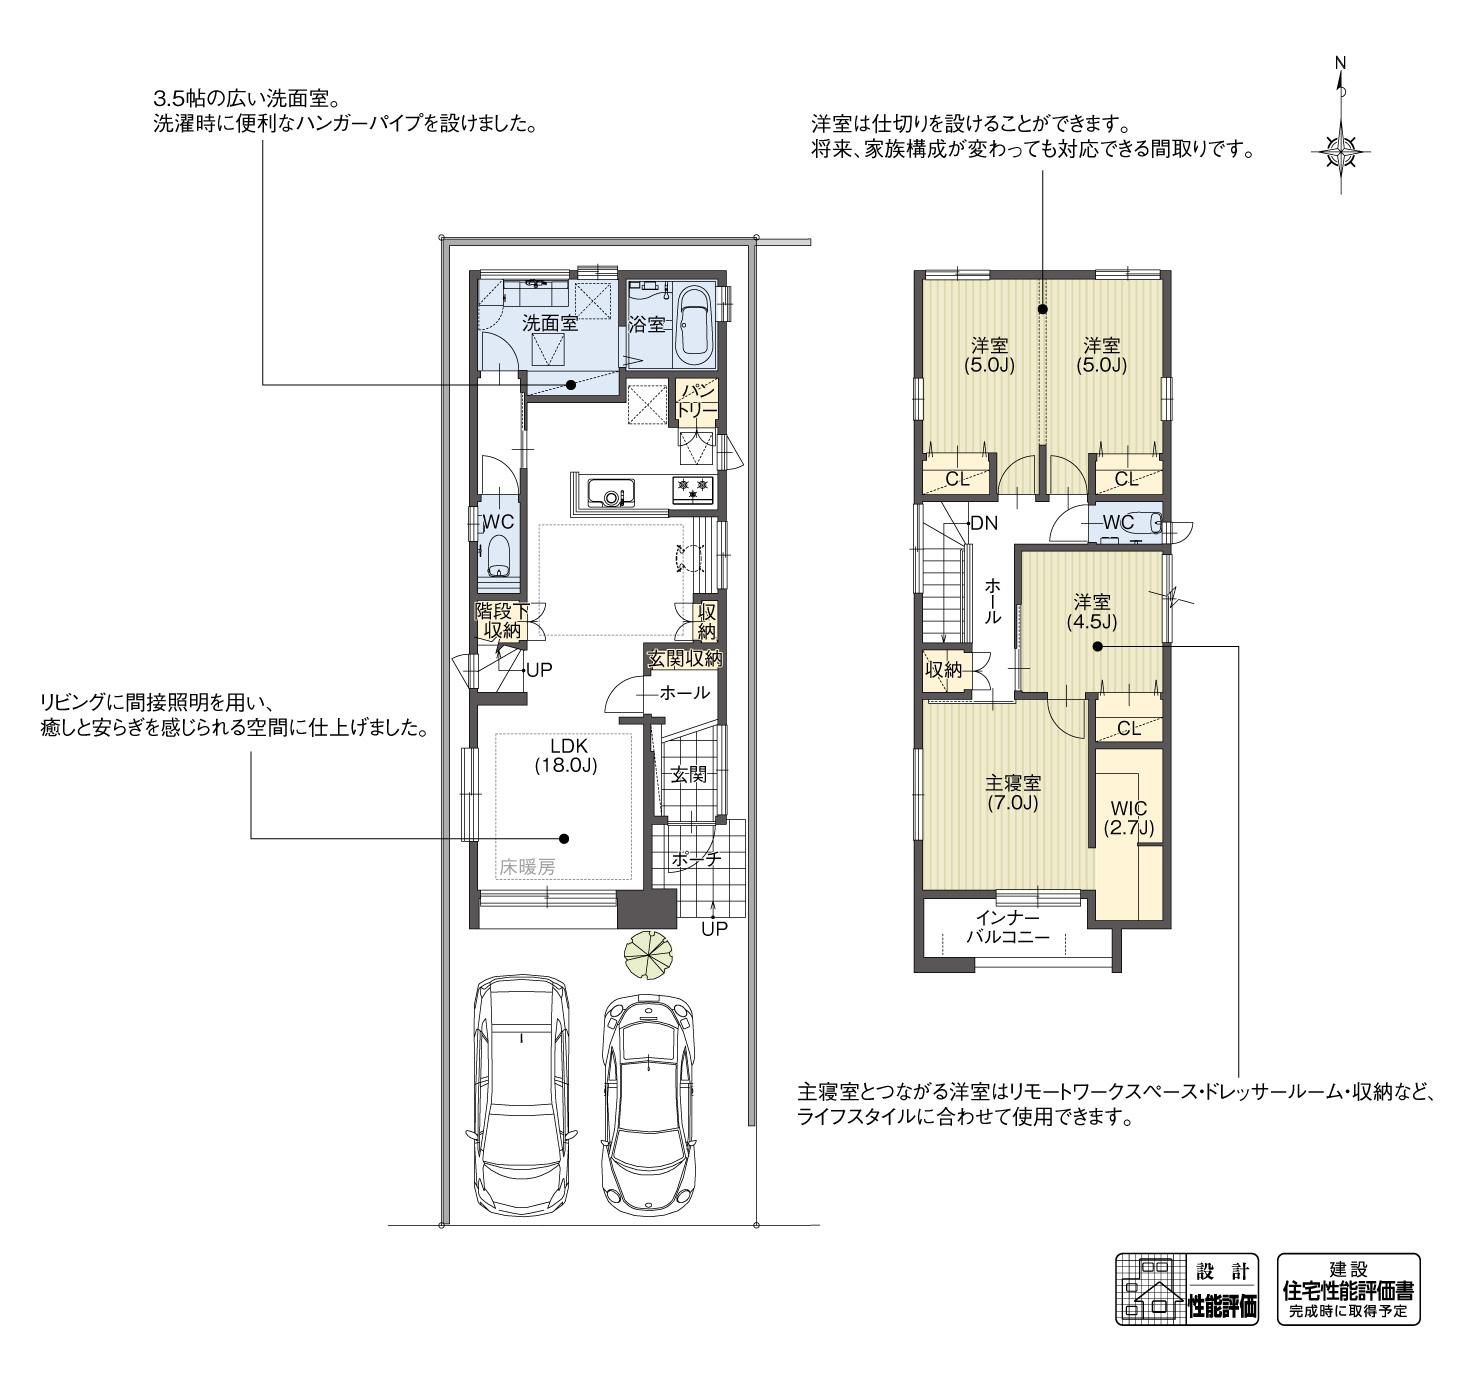 5_間取図_plan1_中村区長筬町